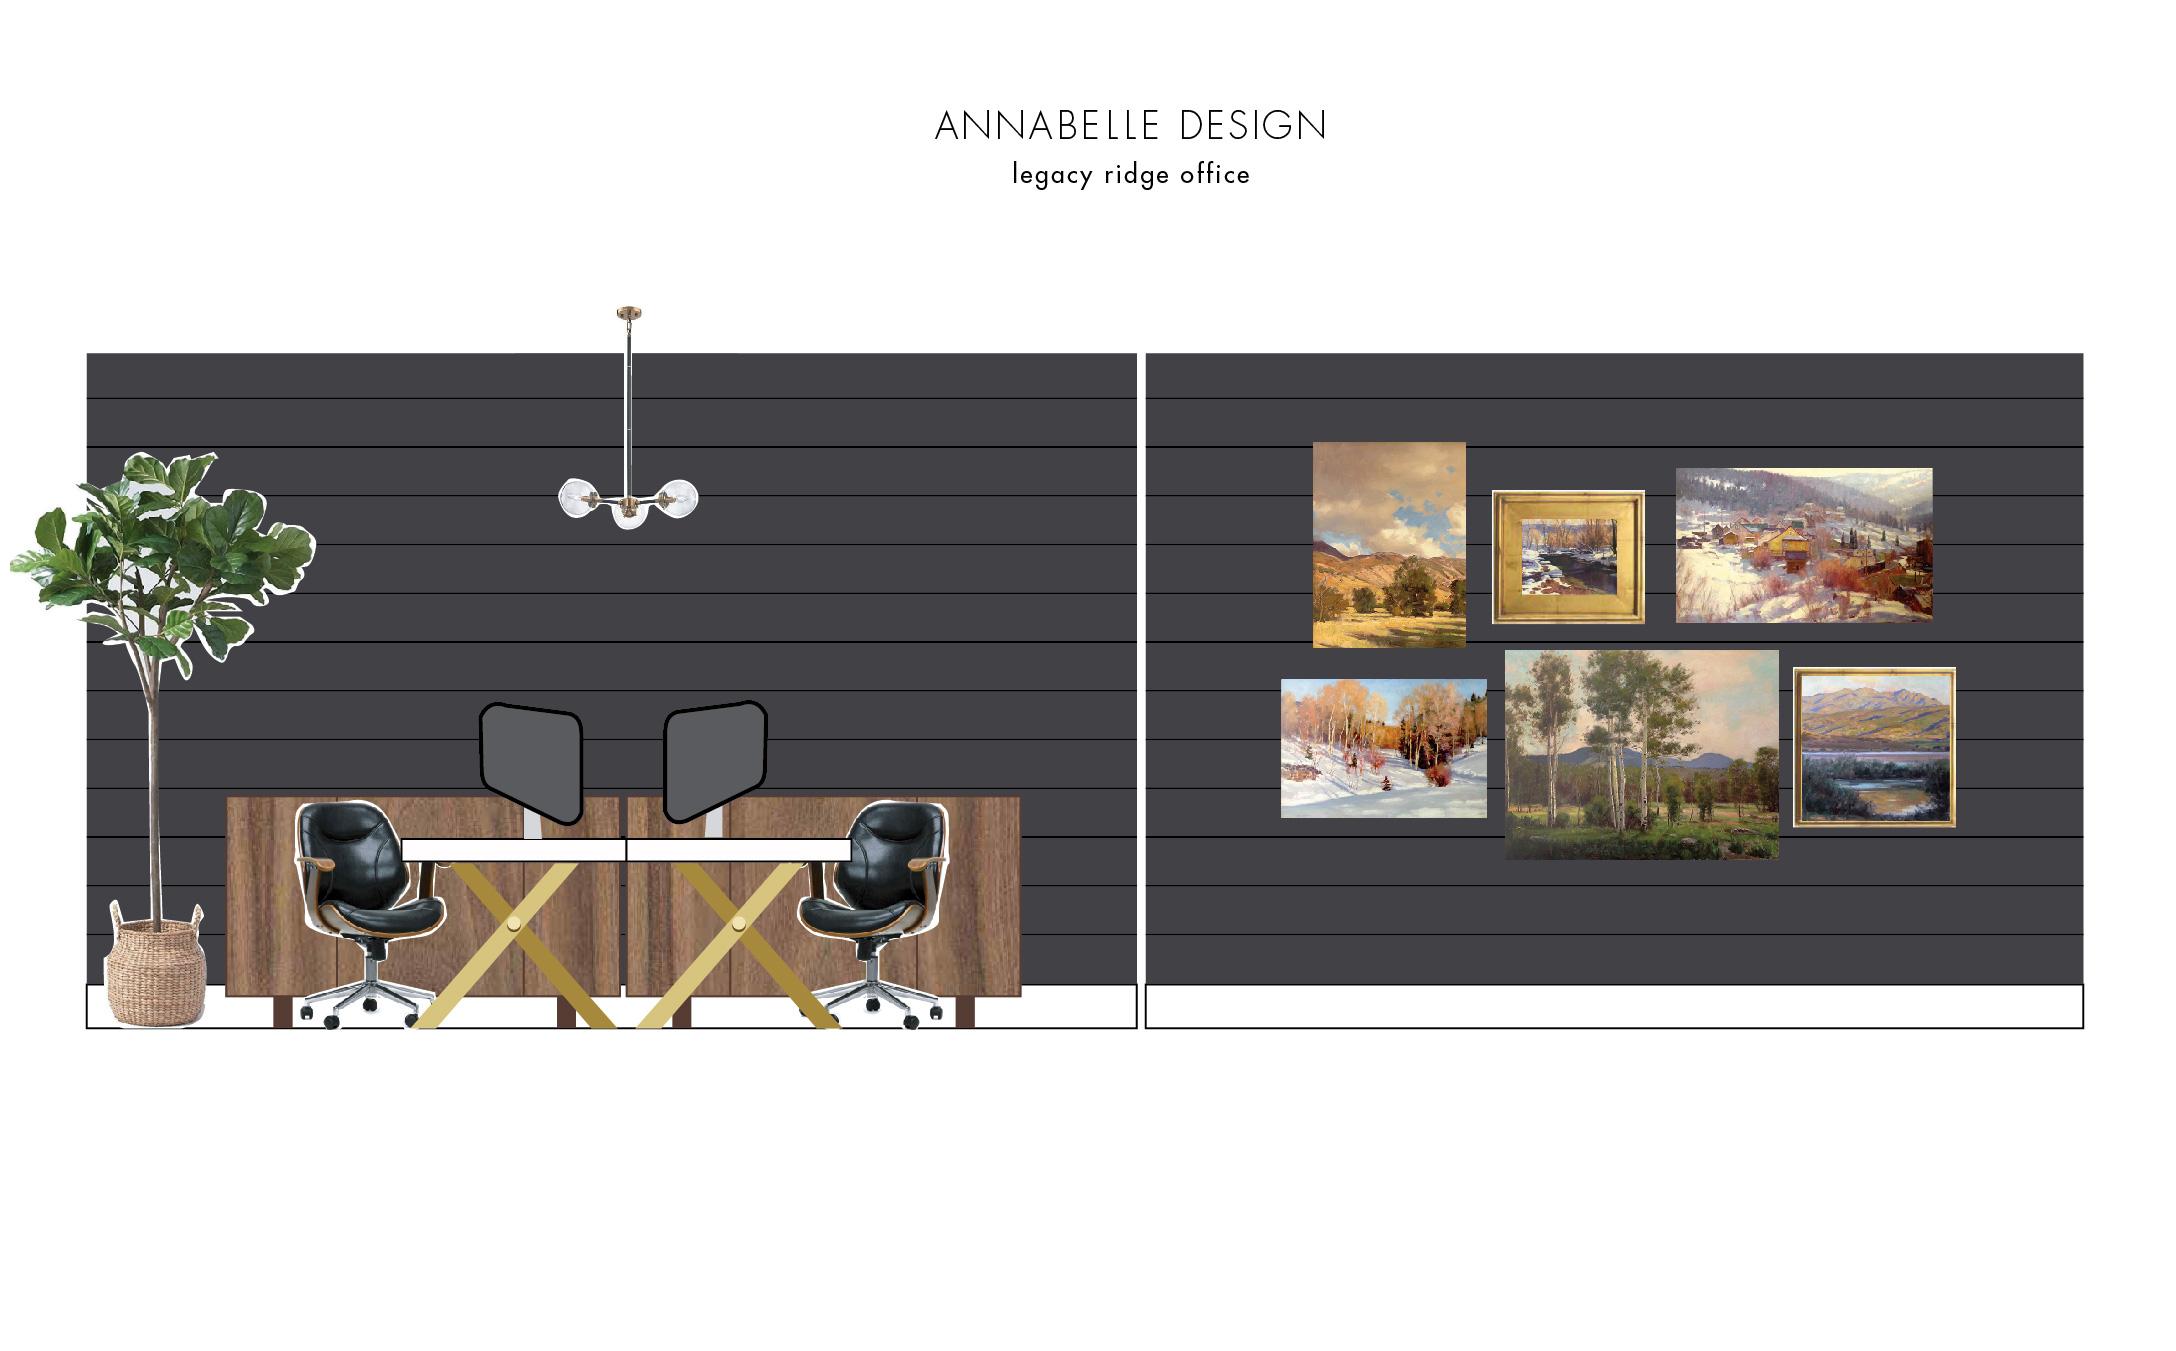 LegacyRidge-DesignBoardsConstructWeb-06.jpg